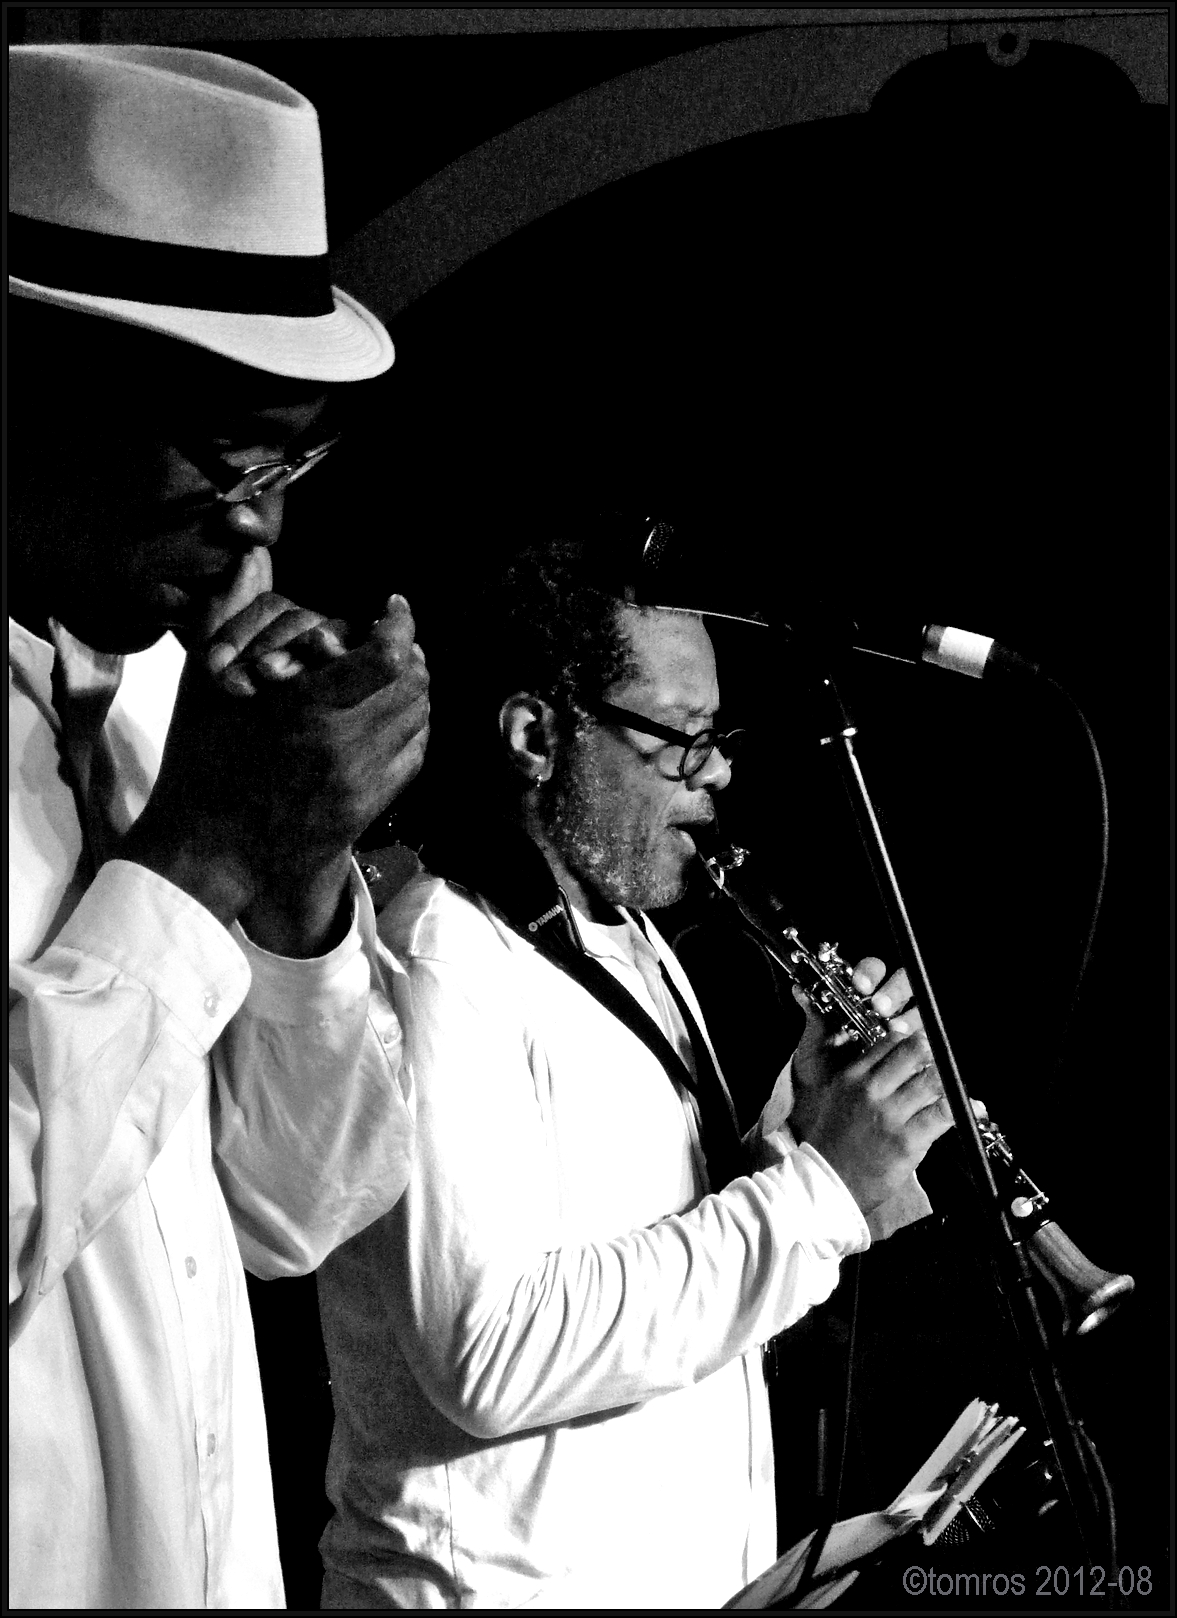 Dean Bowman & Don Byron at Markham Jazz Festival, August 18, 2012